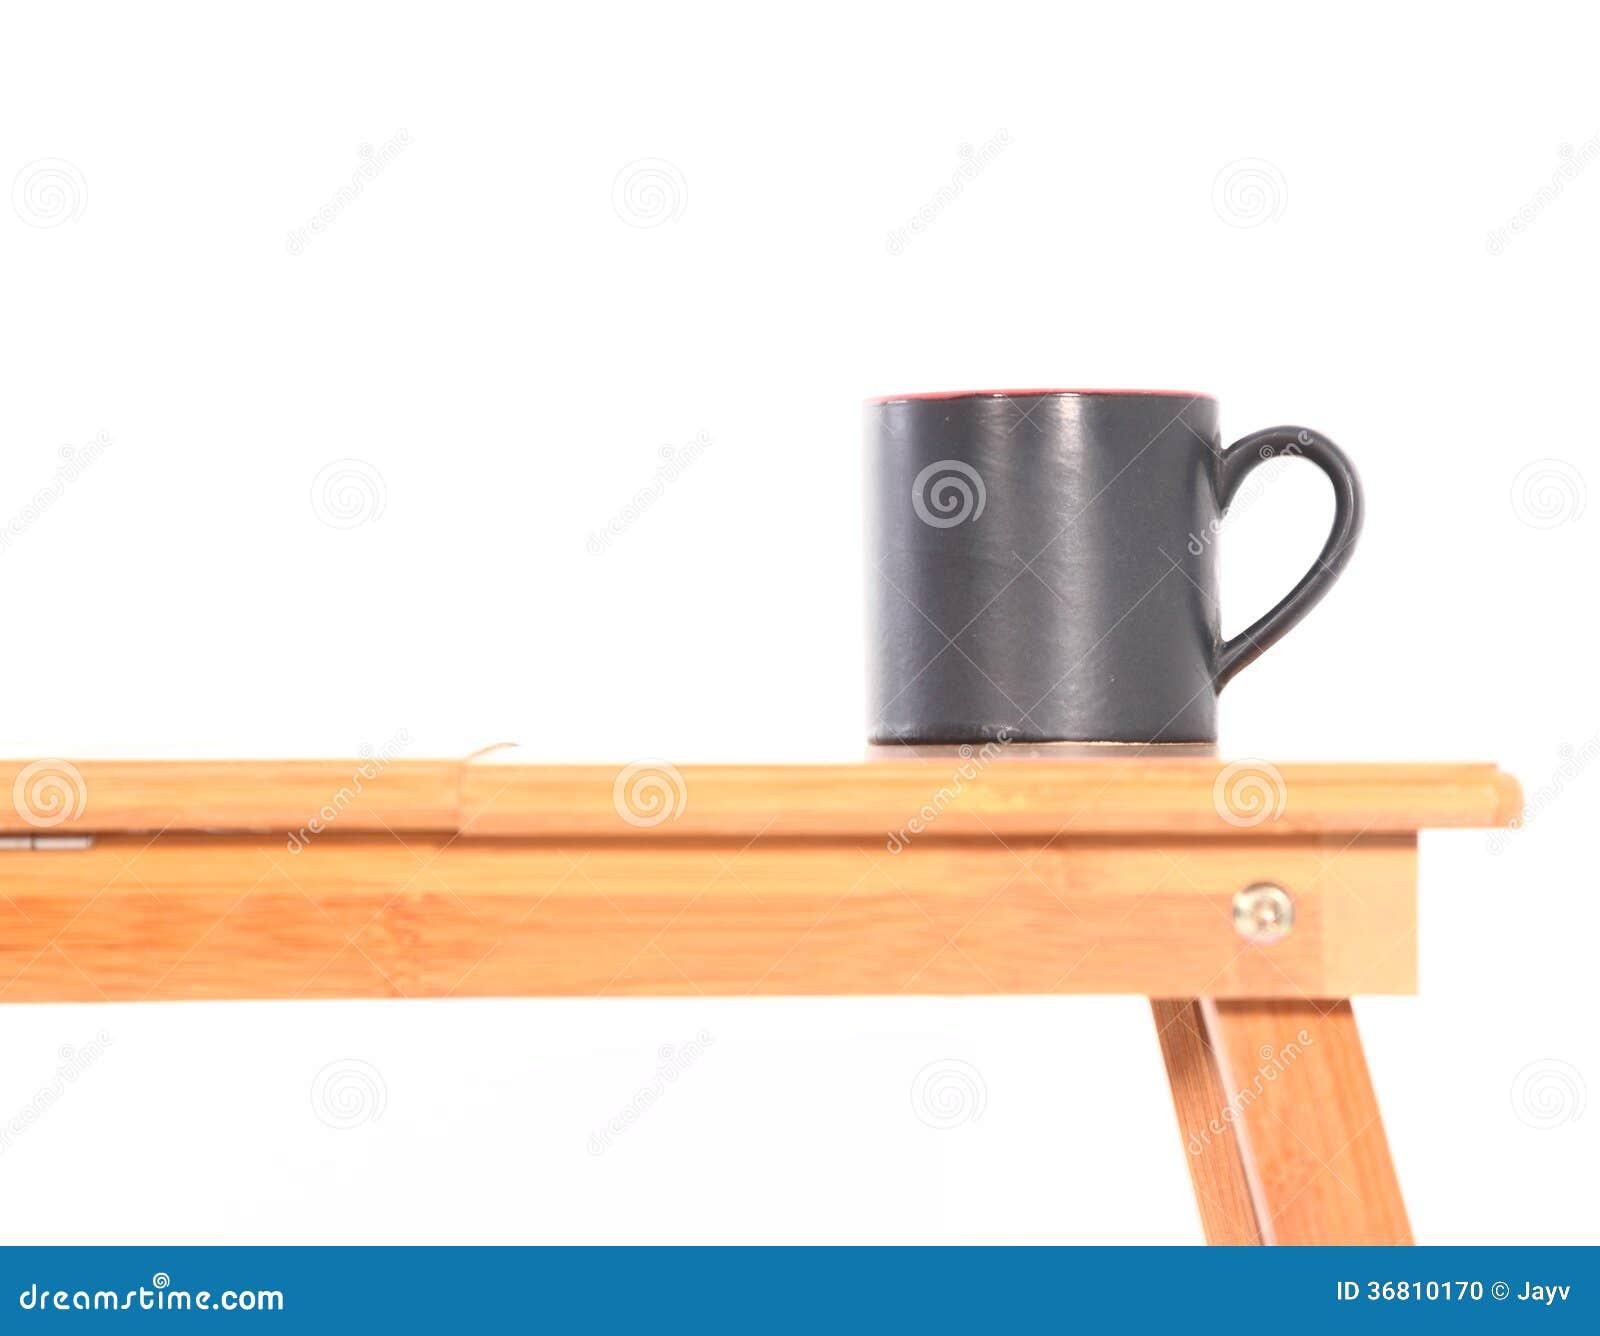 Coffee Mug And Table Stock Photo Image 36810170